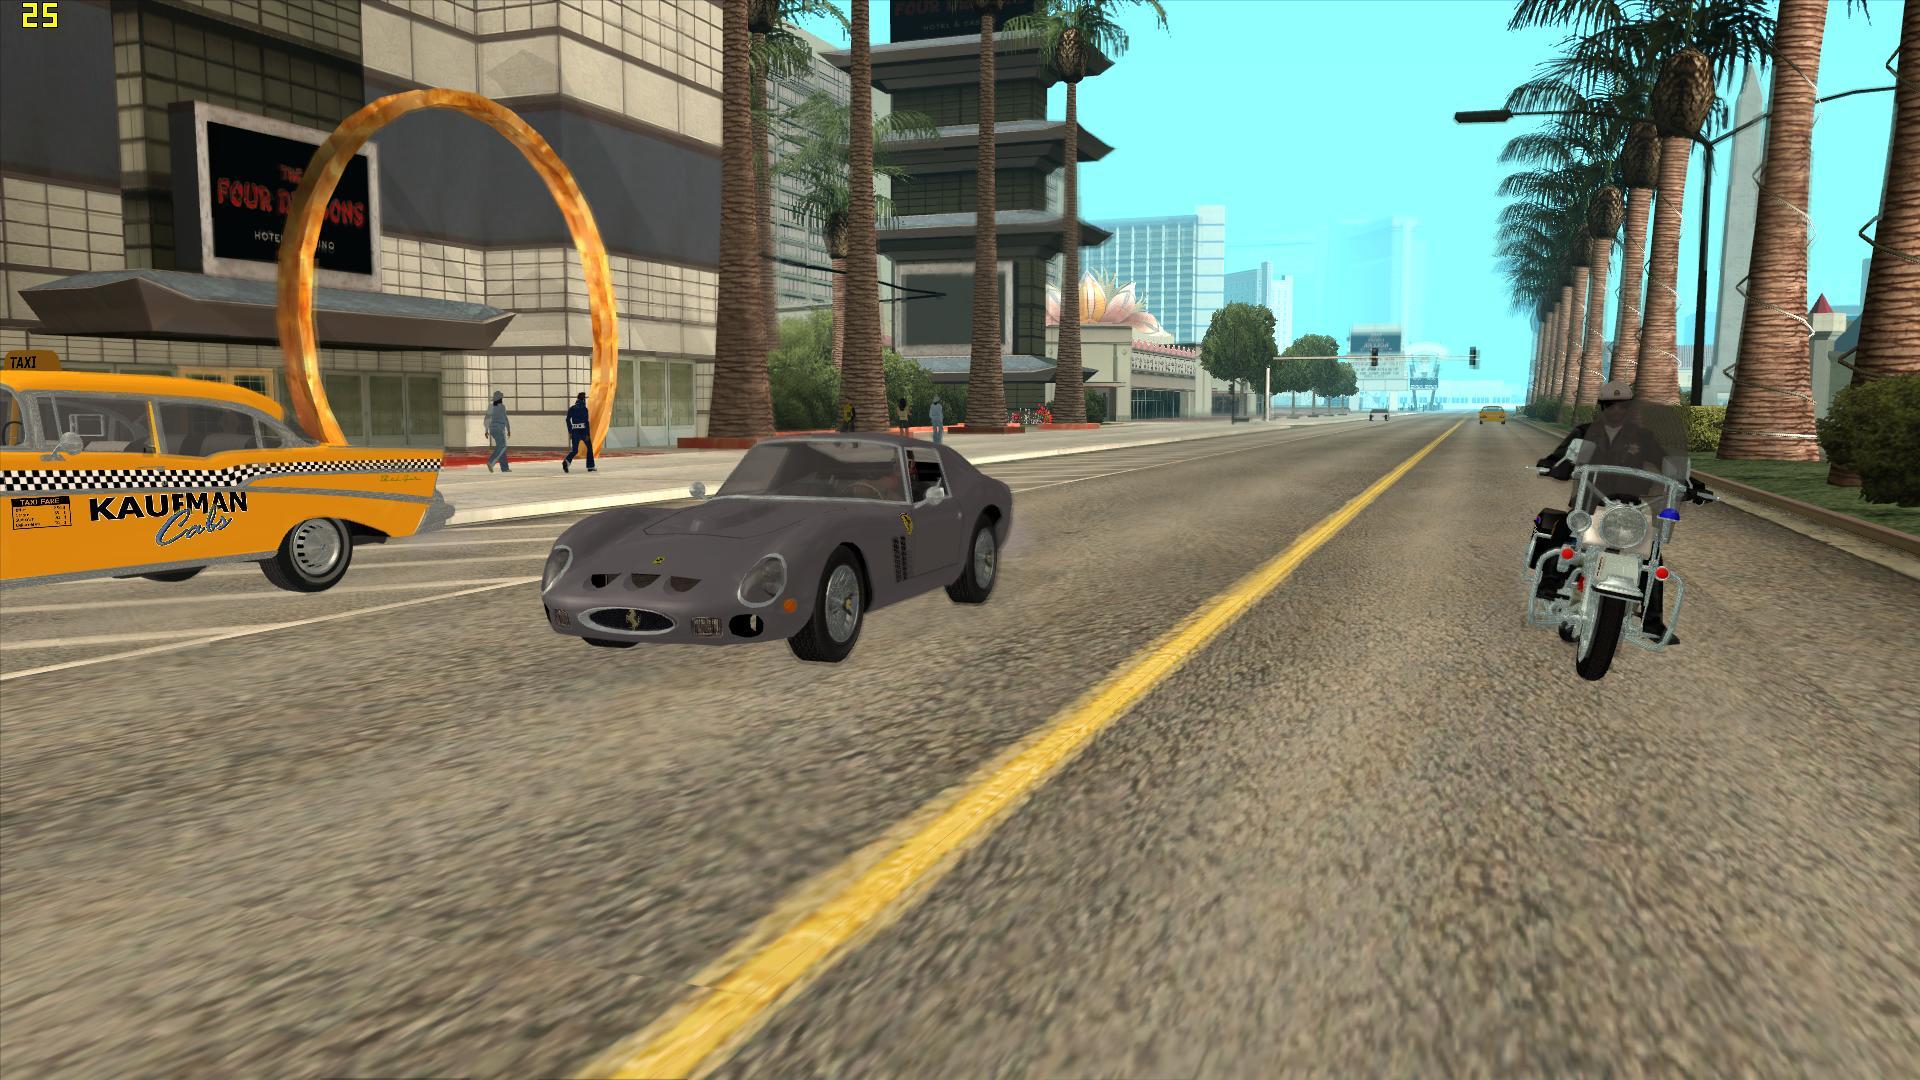 lv image real cars for gta sa mod for grand theft auto san